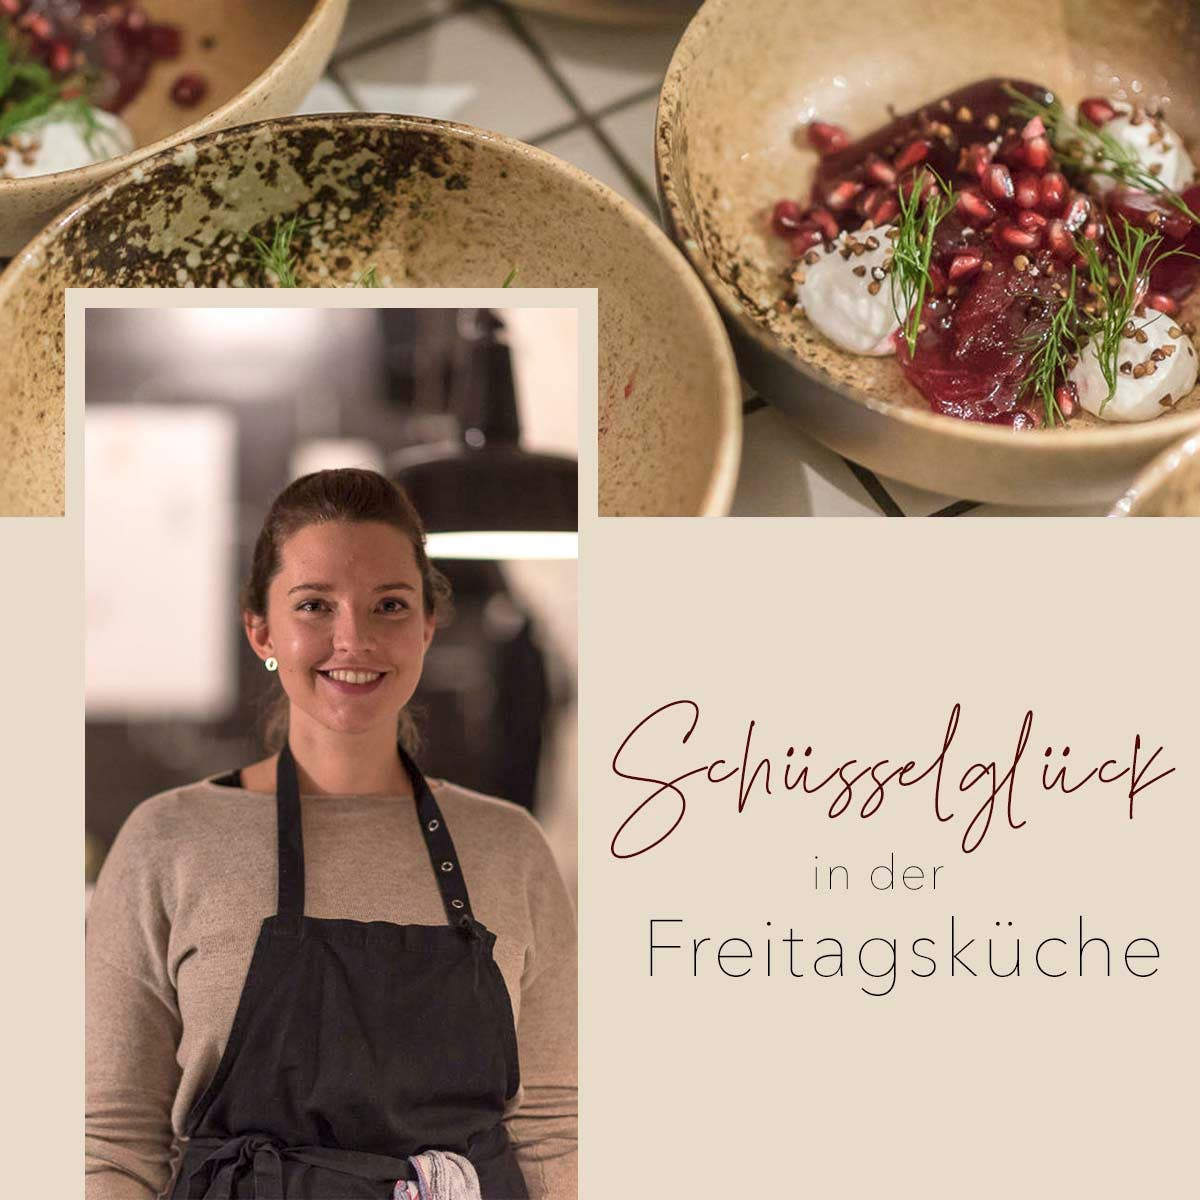 Fotocollage von lächelnder Frau in Kochschürze und einem Rote Bete Dill Salat